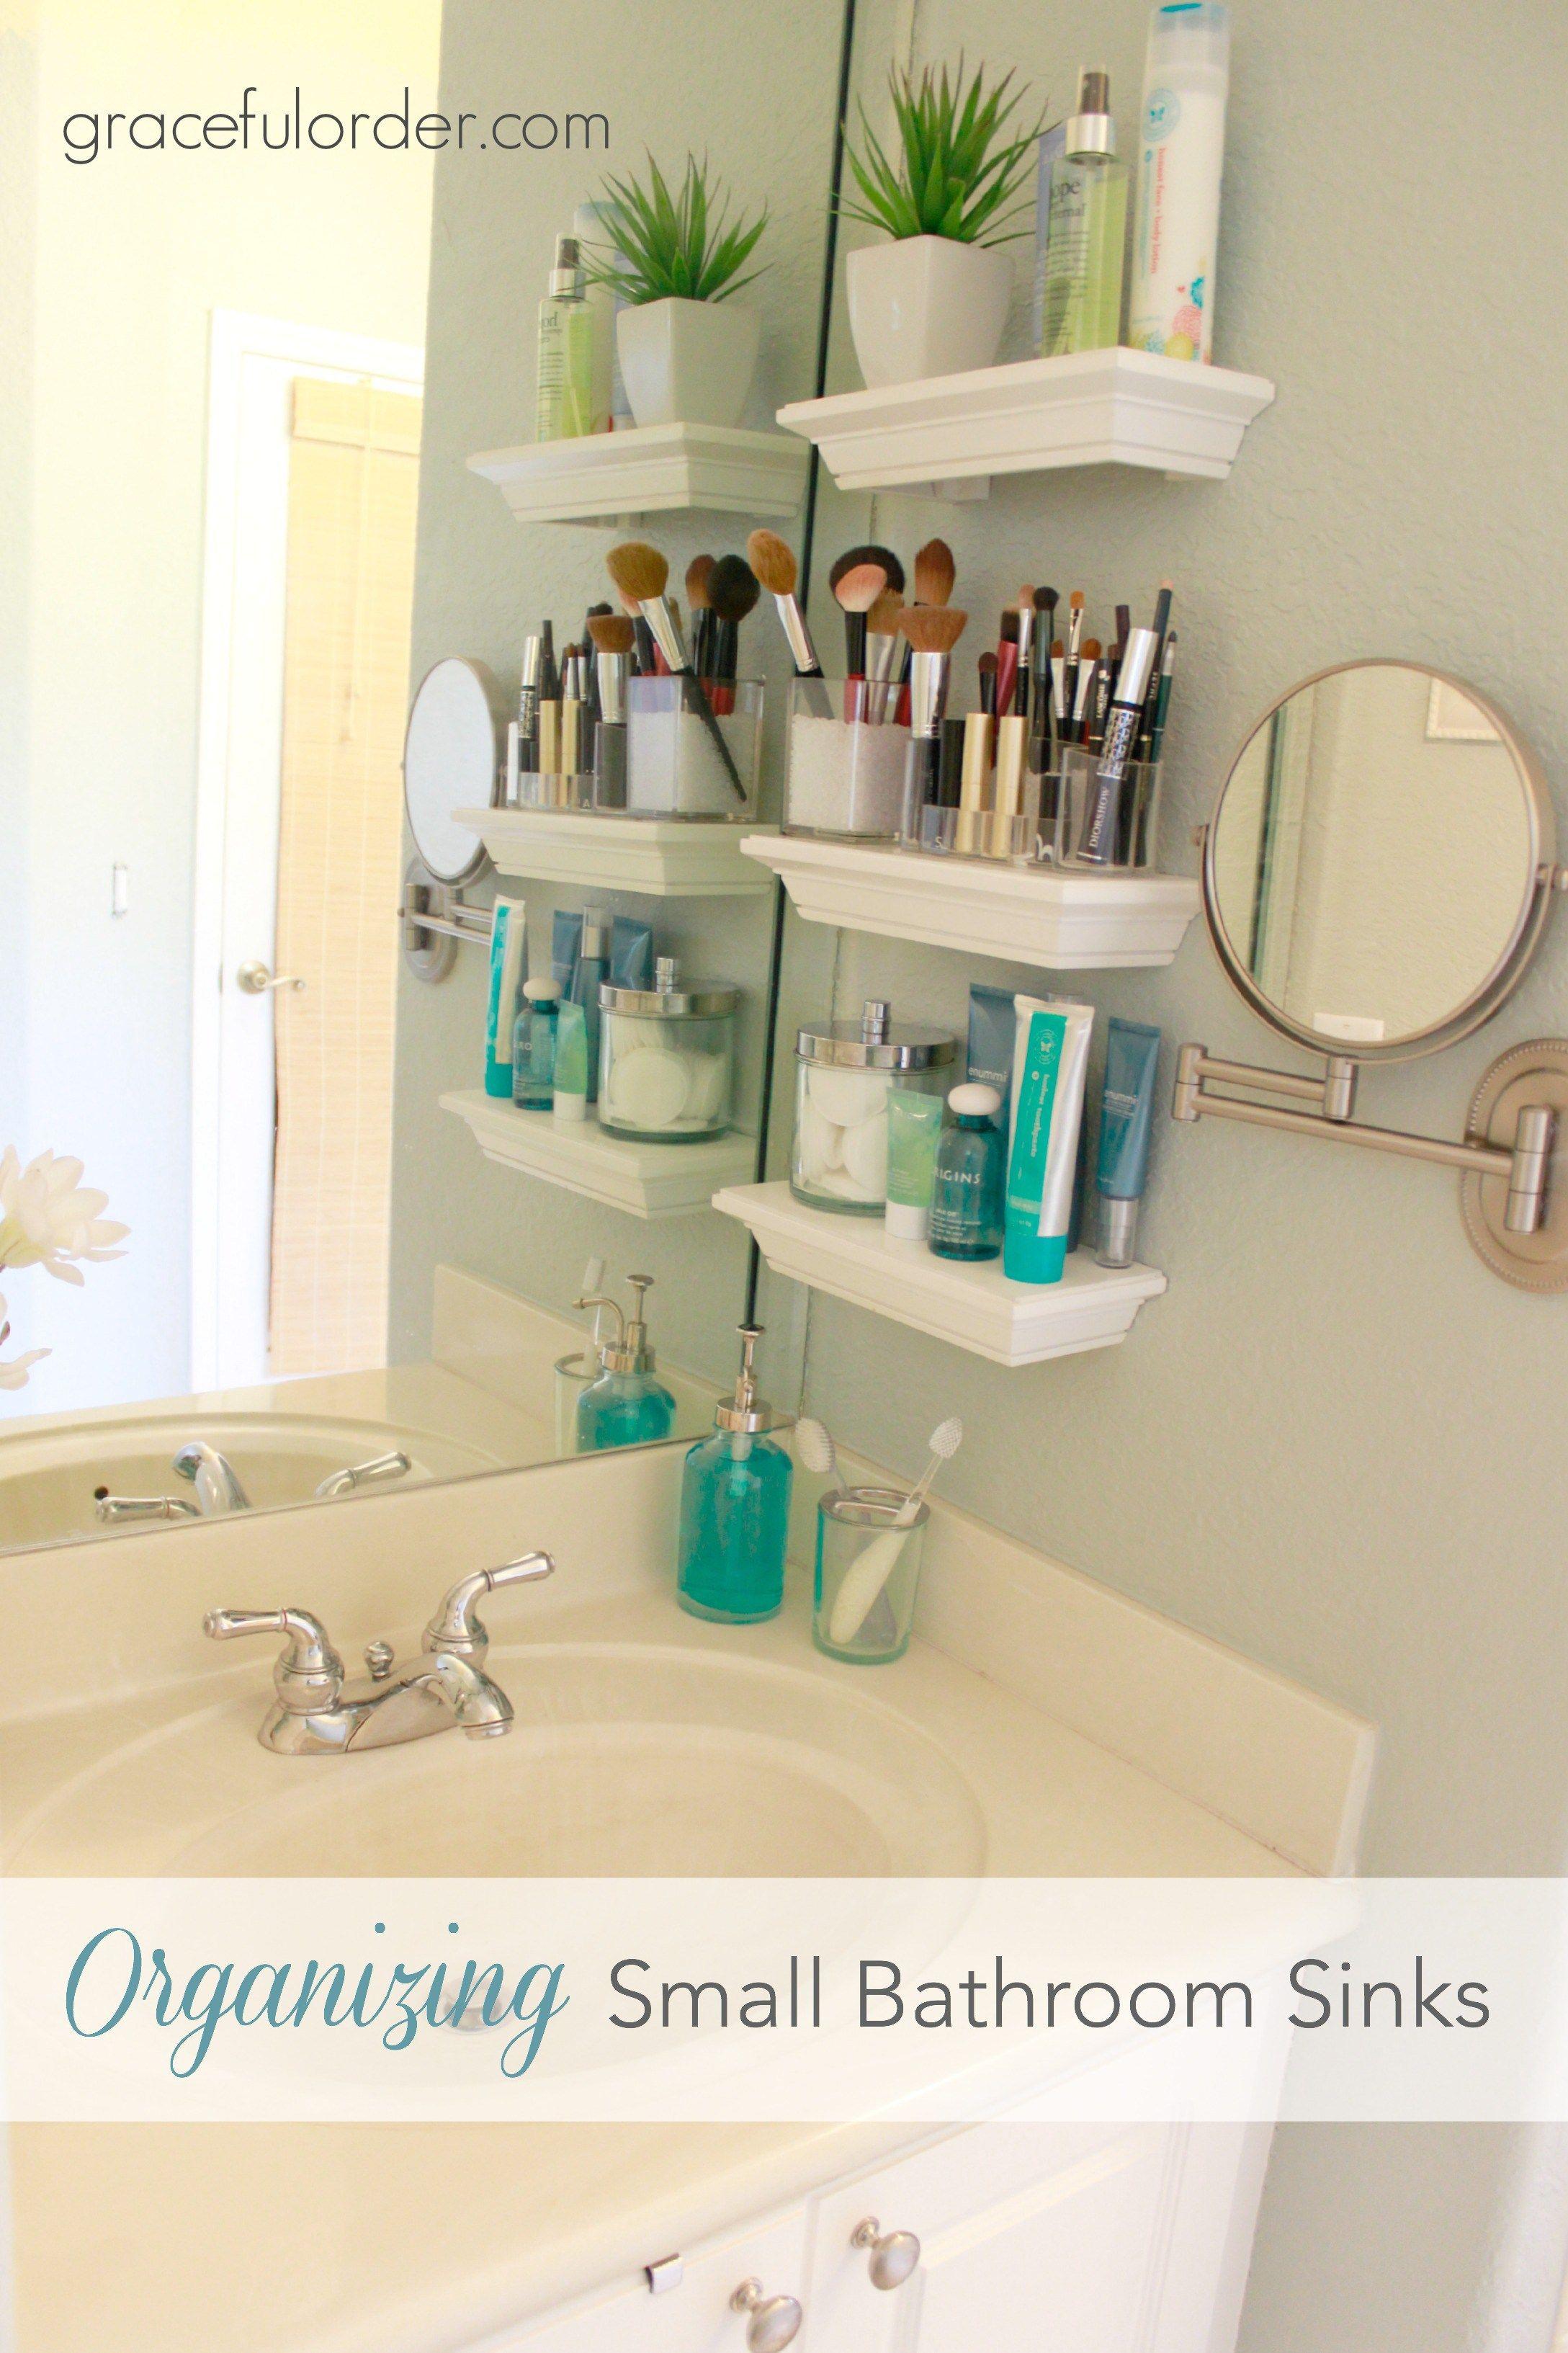 Organizing Small Bathroom Sinks   Graceful Order